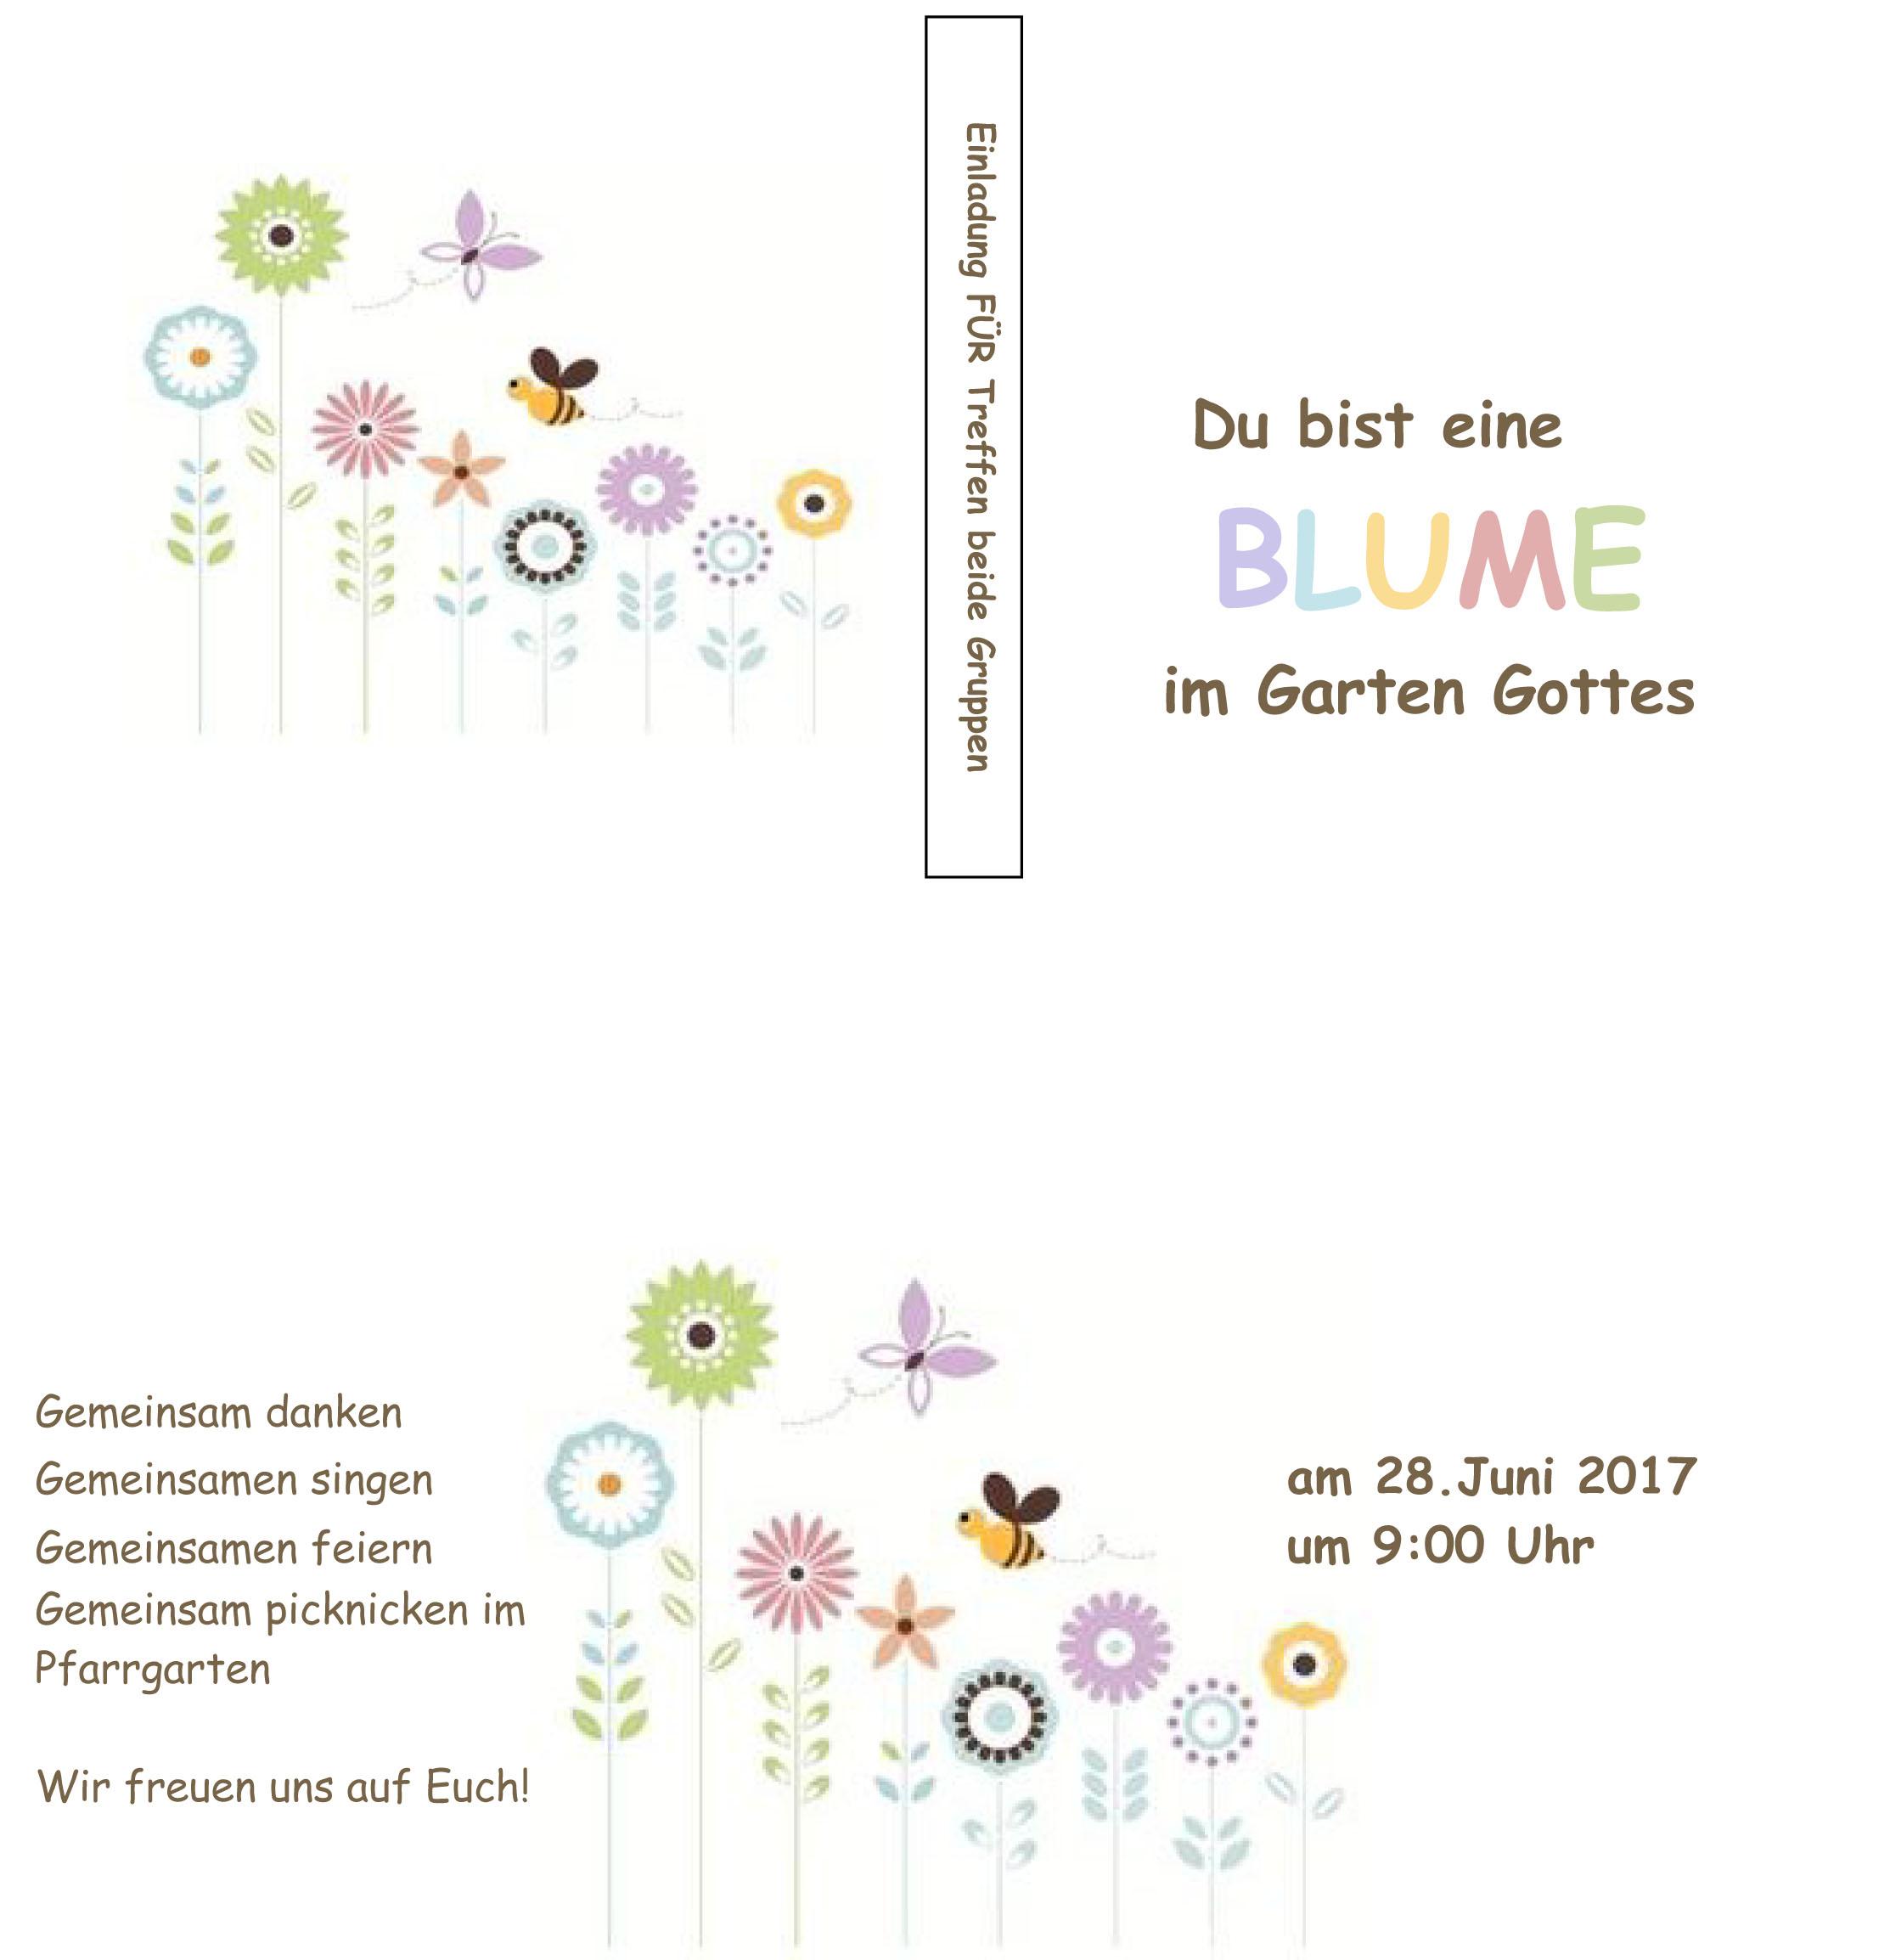 Einladung zur gemeinsamen Abschlussfeier Für-Treffen